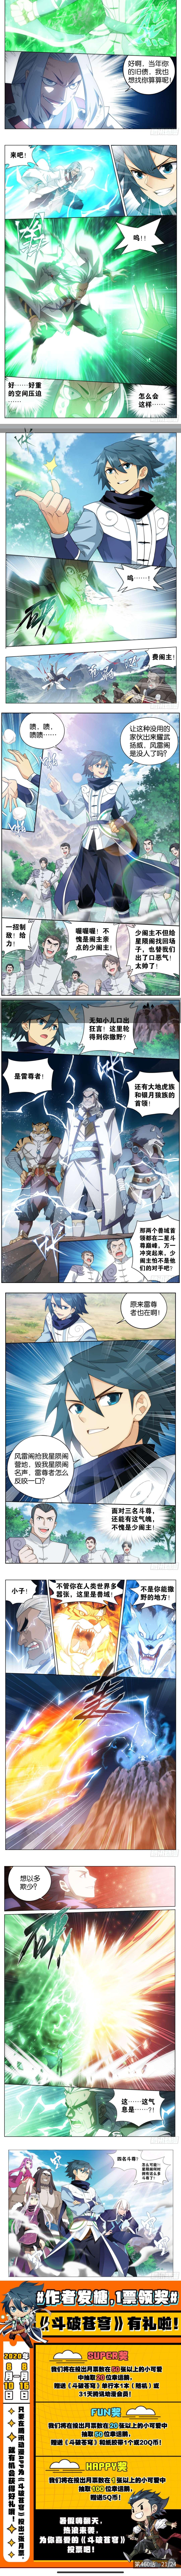 【漫画更新】斗破苍穹最新一话